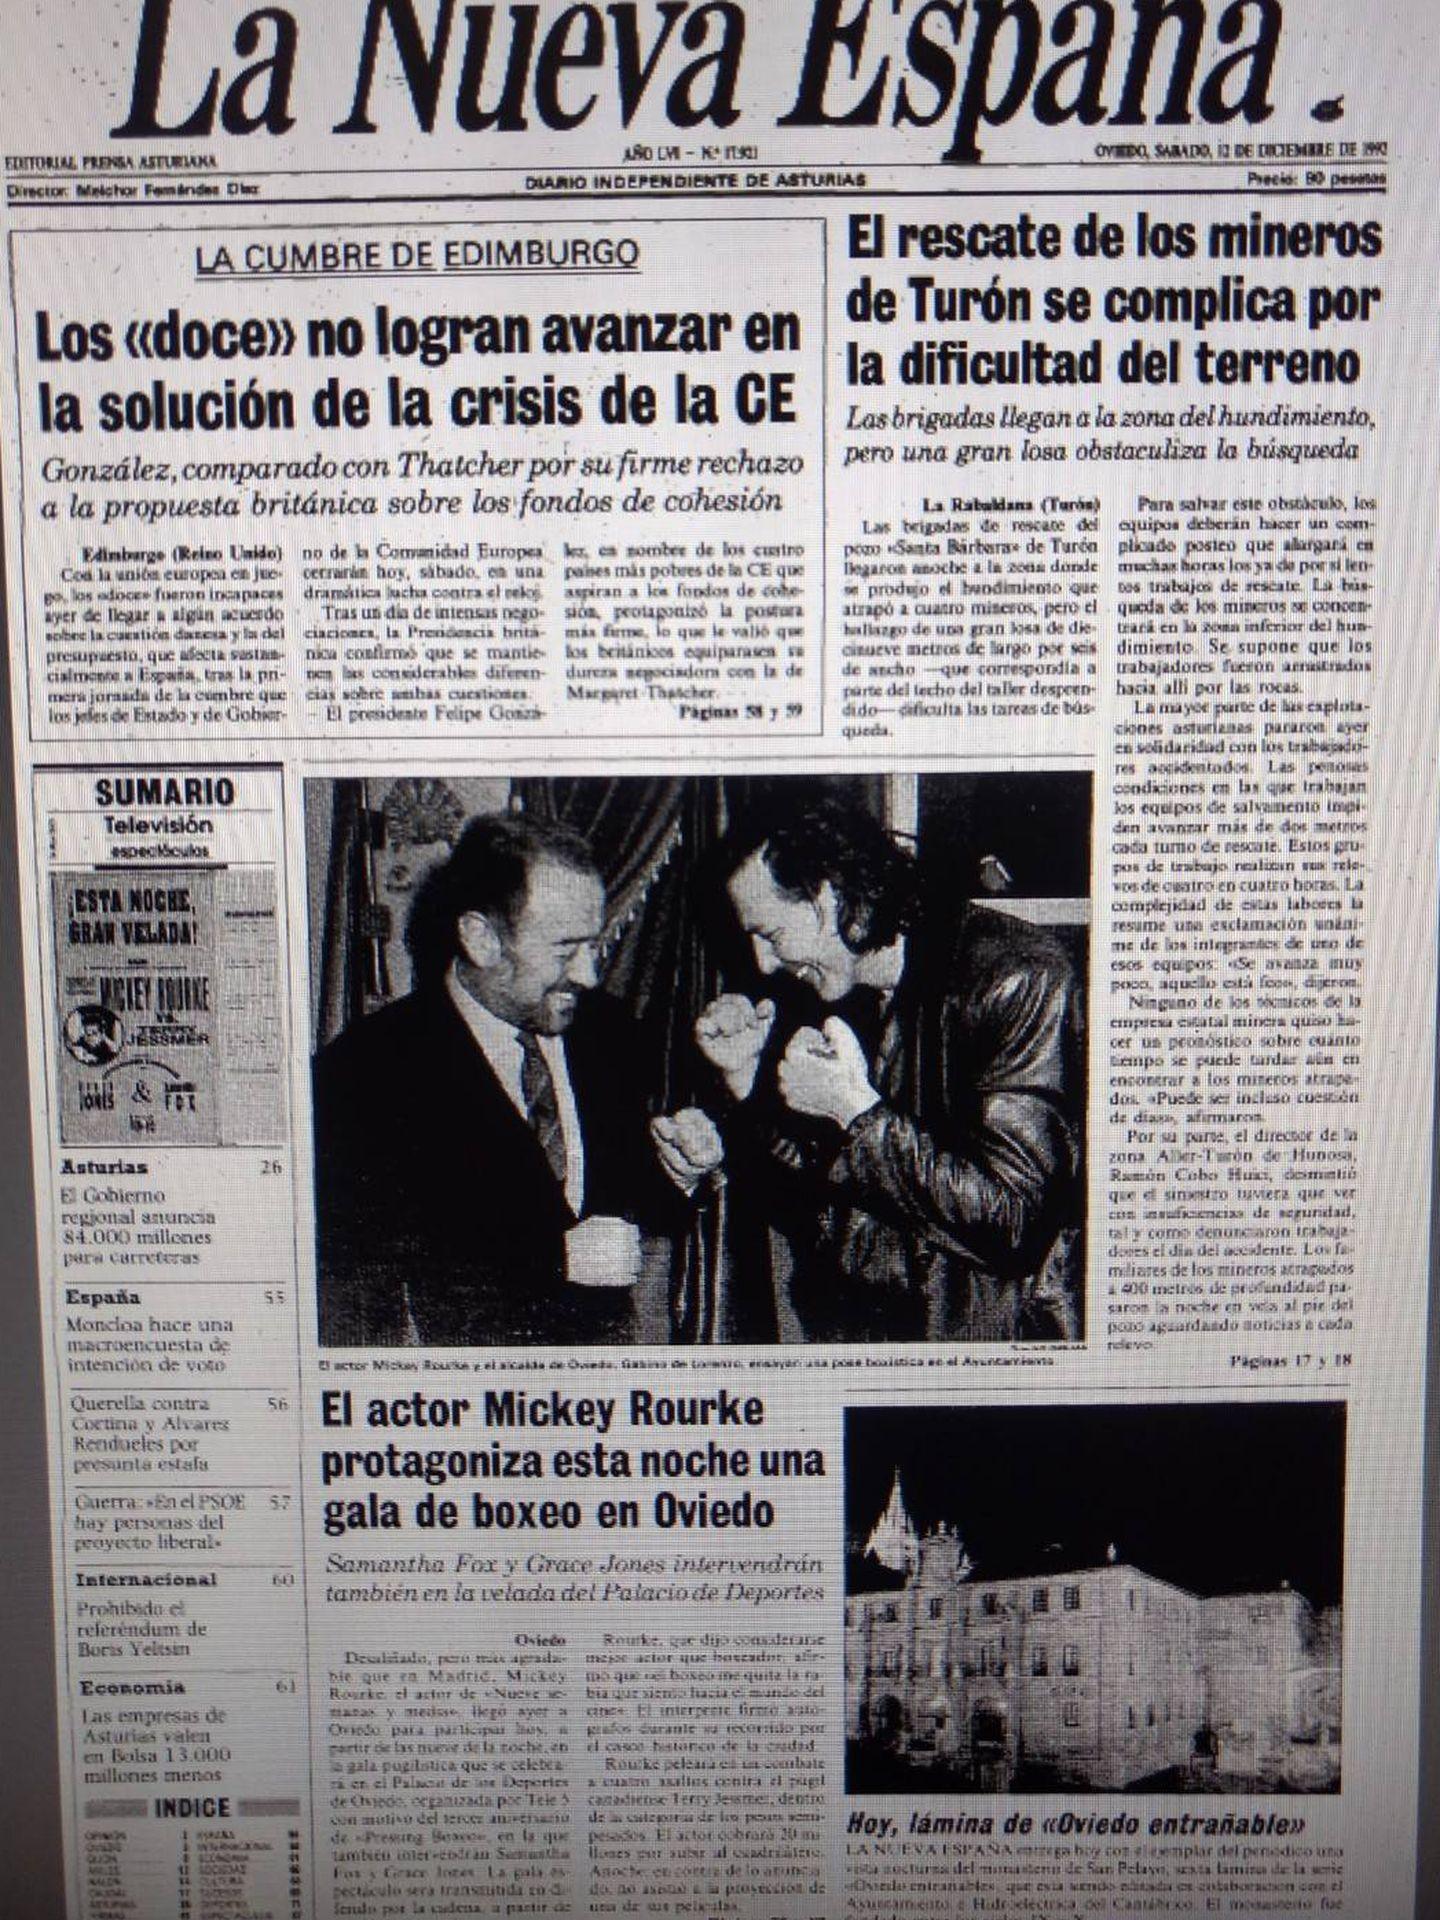 Gabino y Rourke en portada.